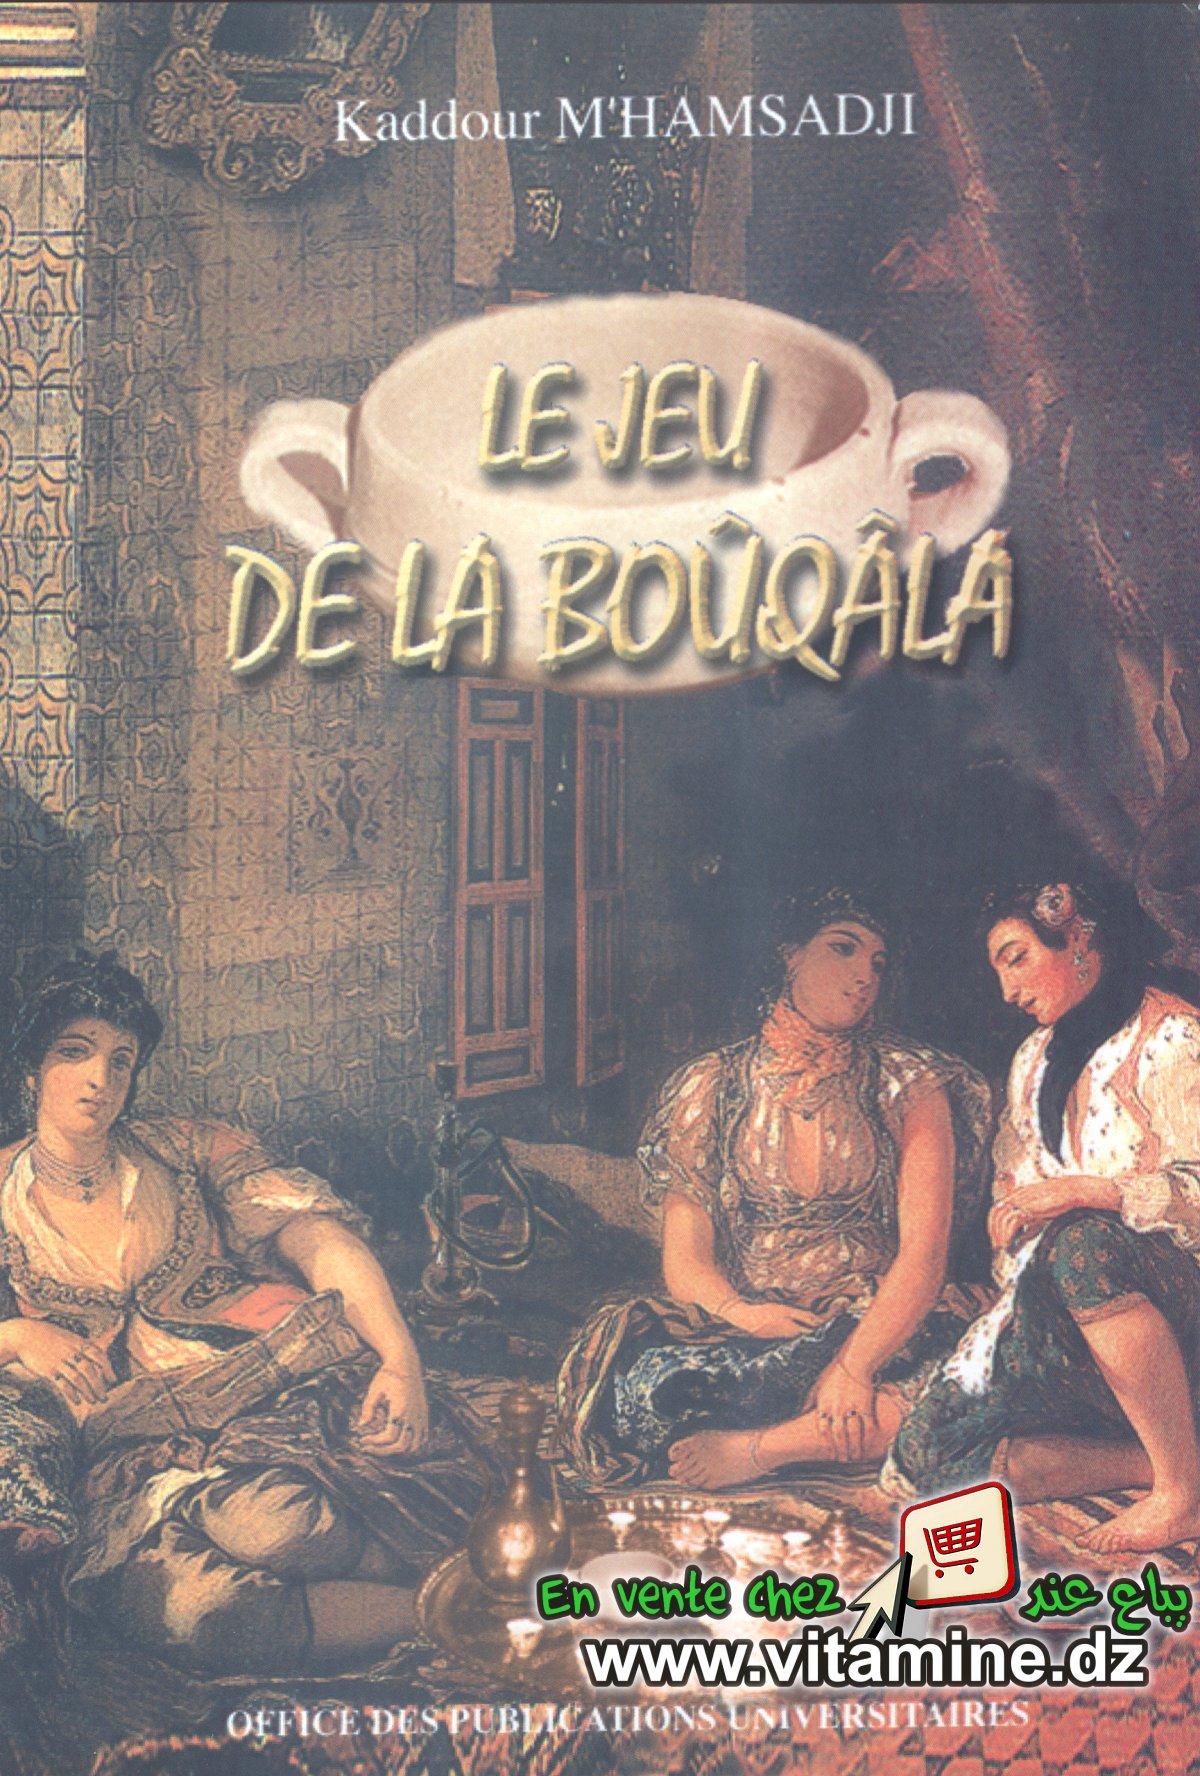 قدور محمساجي - لعبة البوقالة